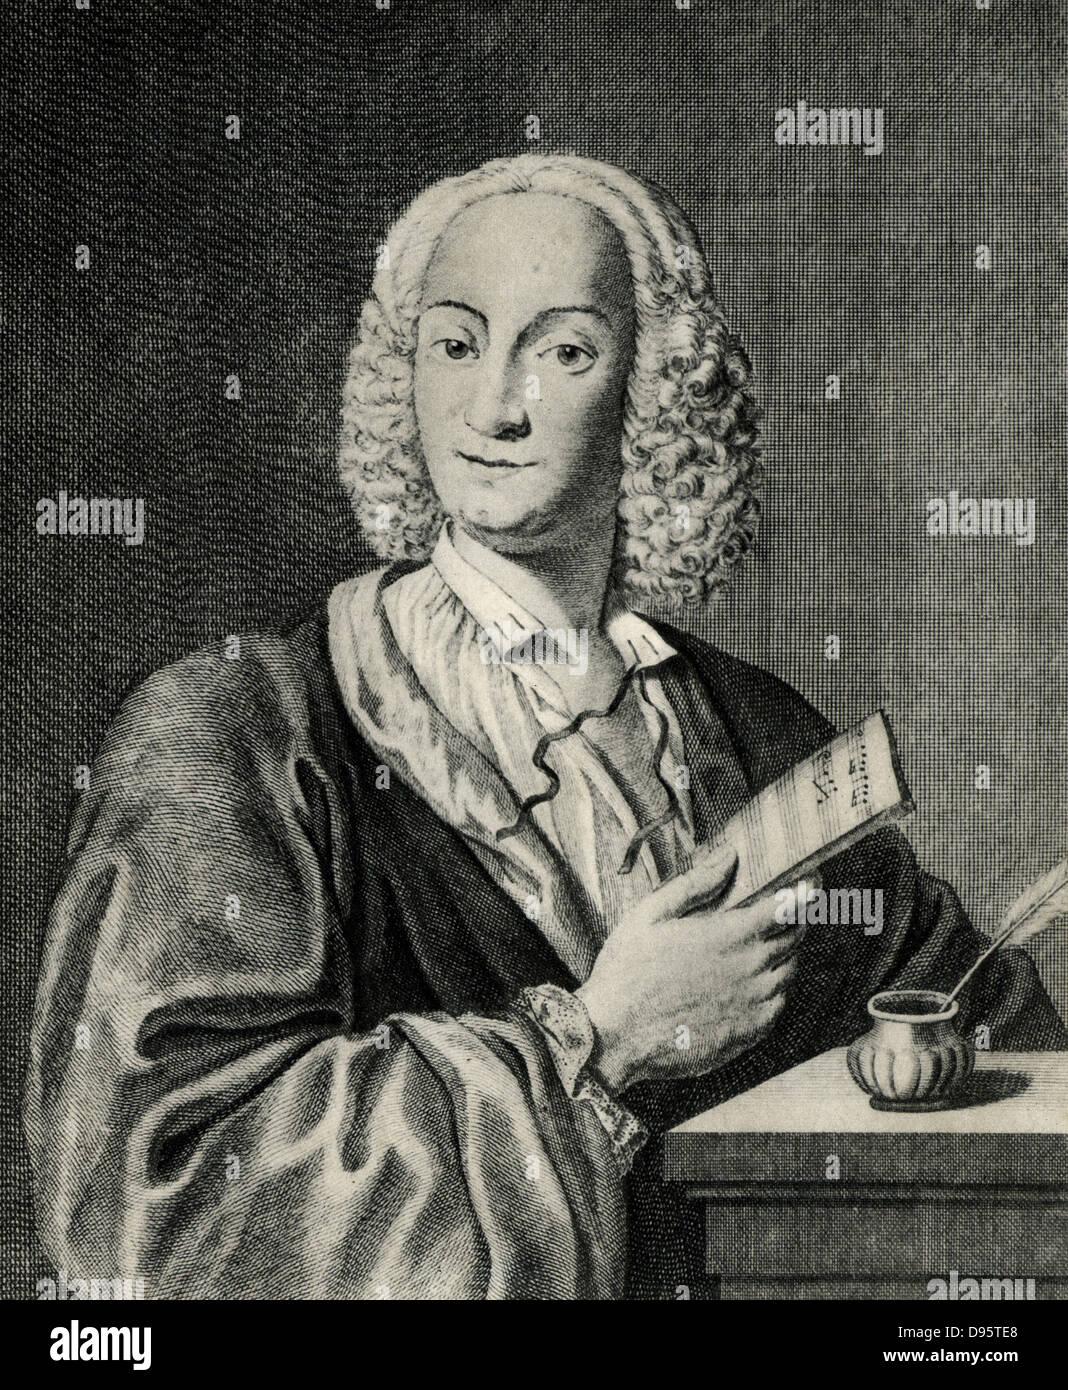 Antonio Vivaldi (1678-1741) Italian composer and violinist, born in Verona. - Stock Image